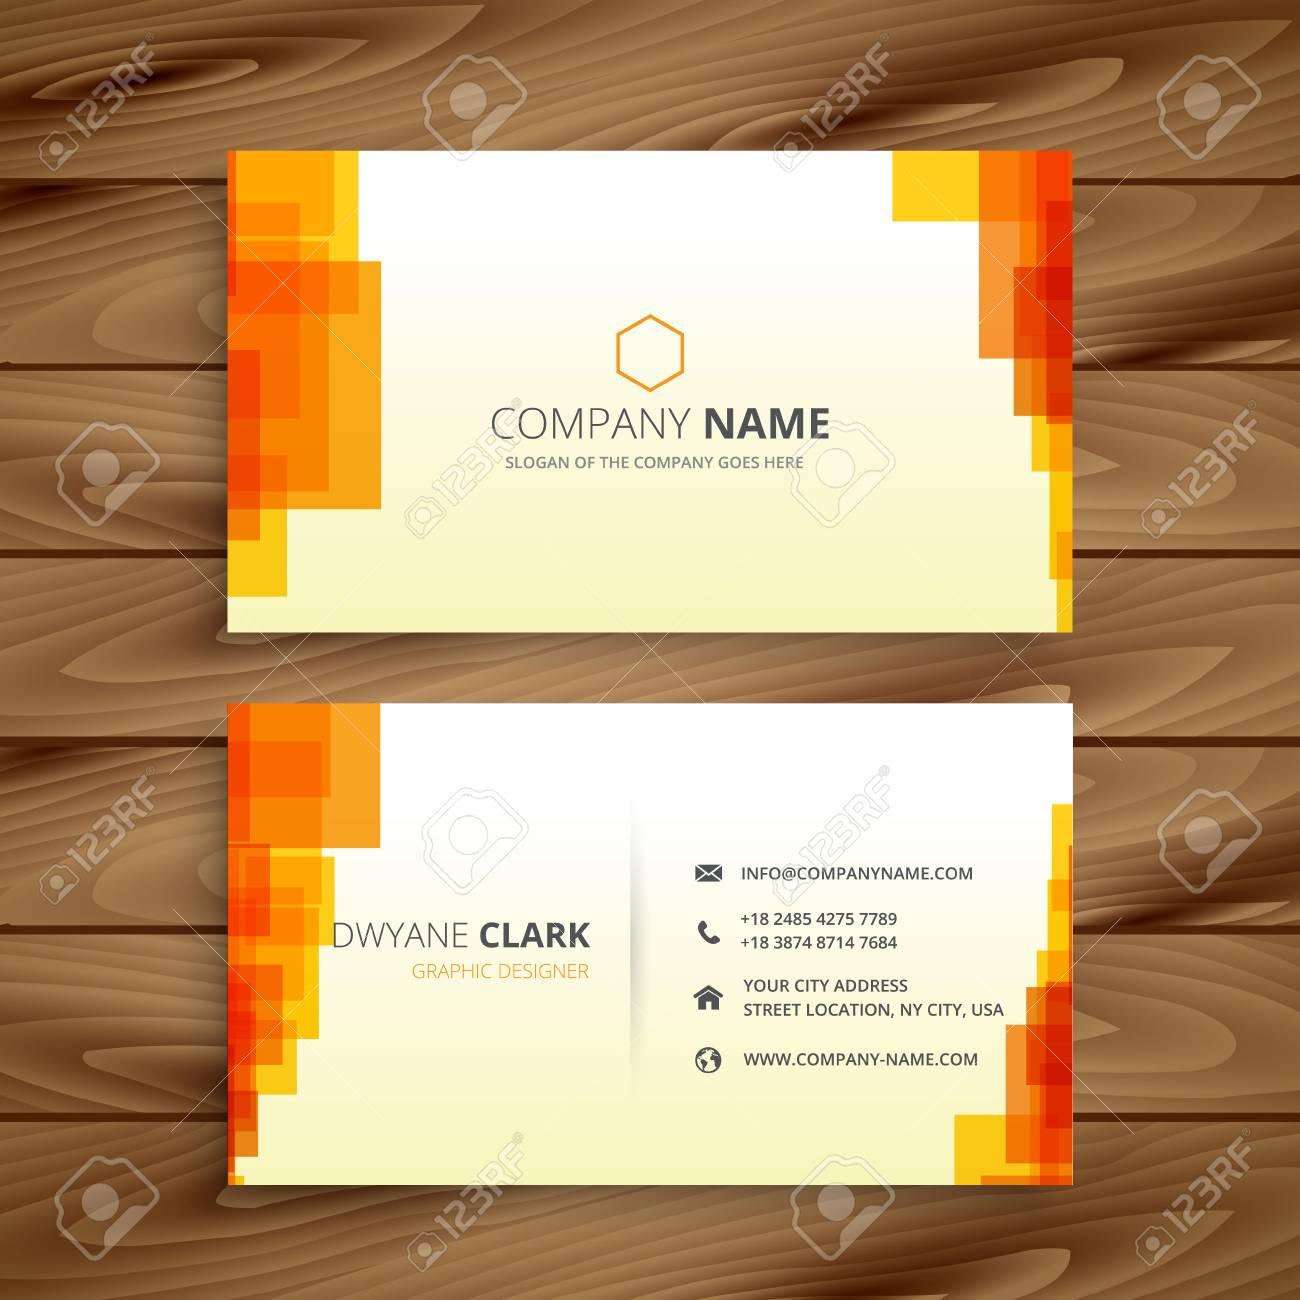 Orange Carte De Visite Pixelise Banque Dimages